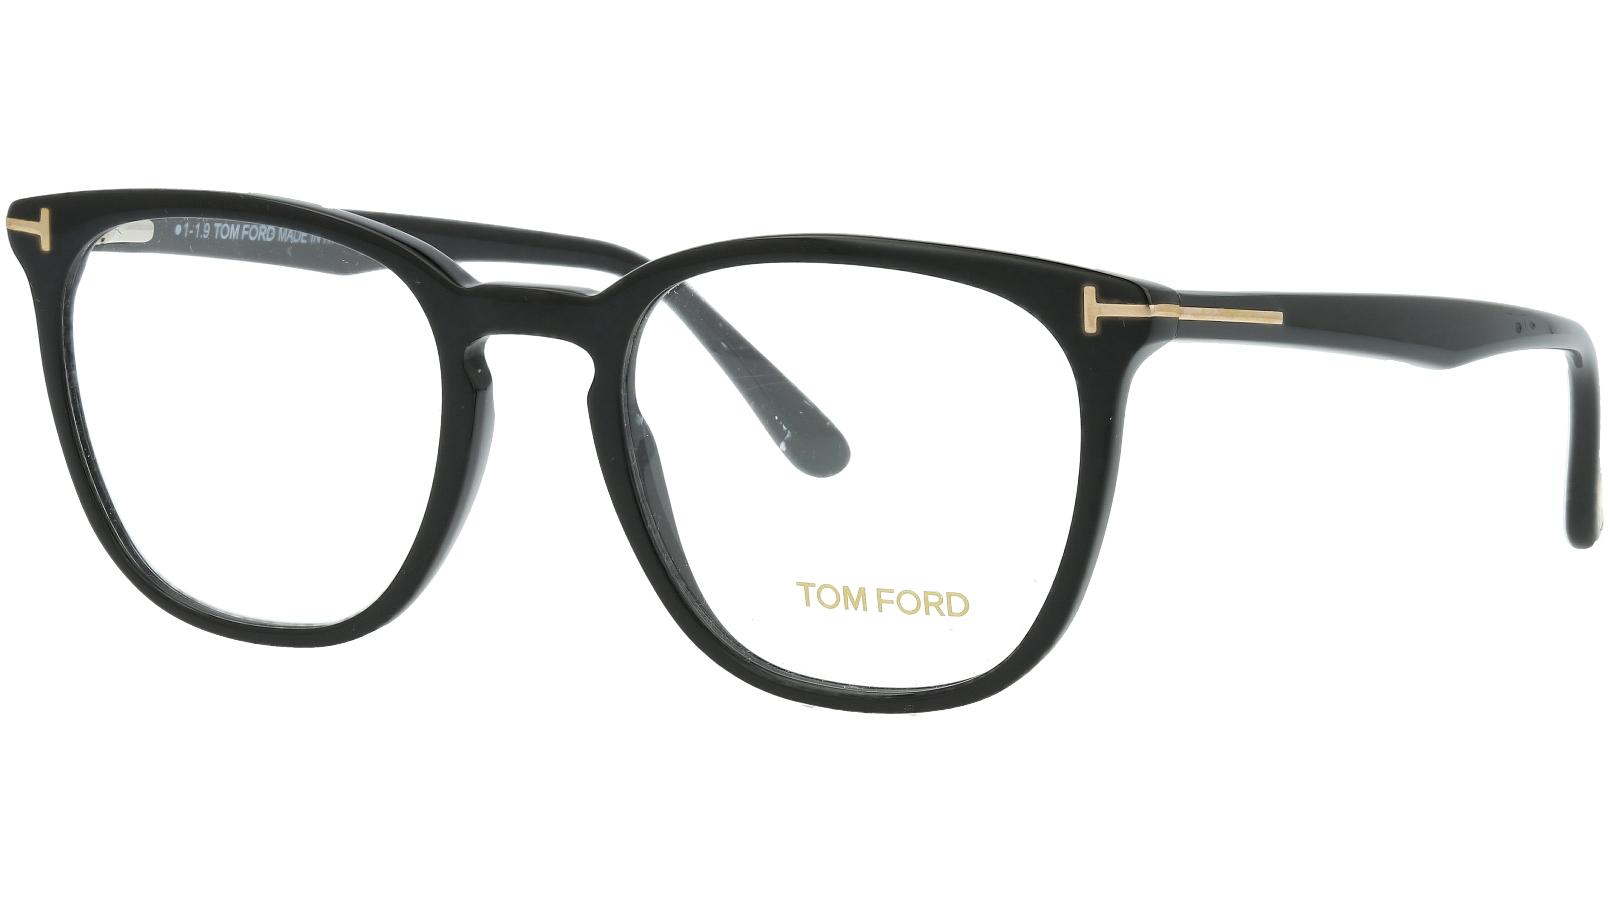 Tom Ford TF5506 001 52 Havana Glasses